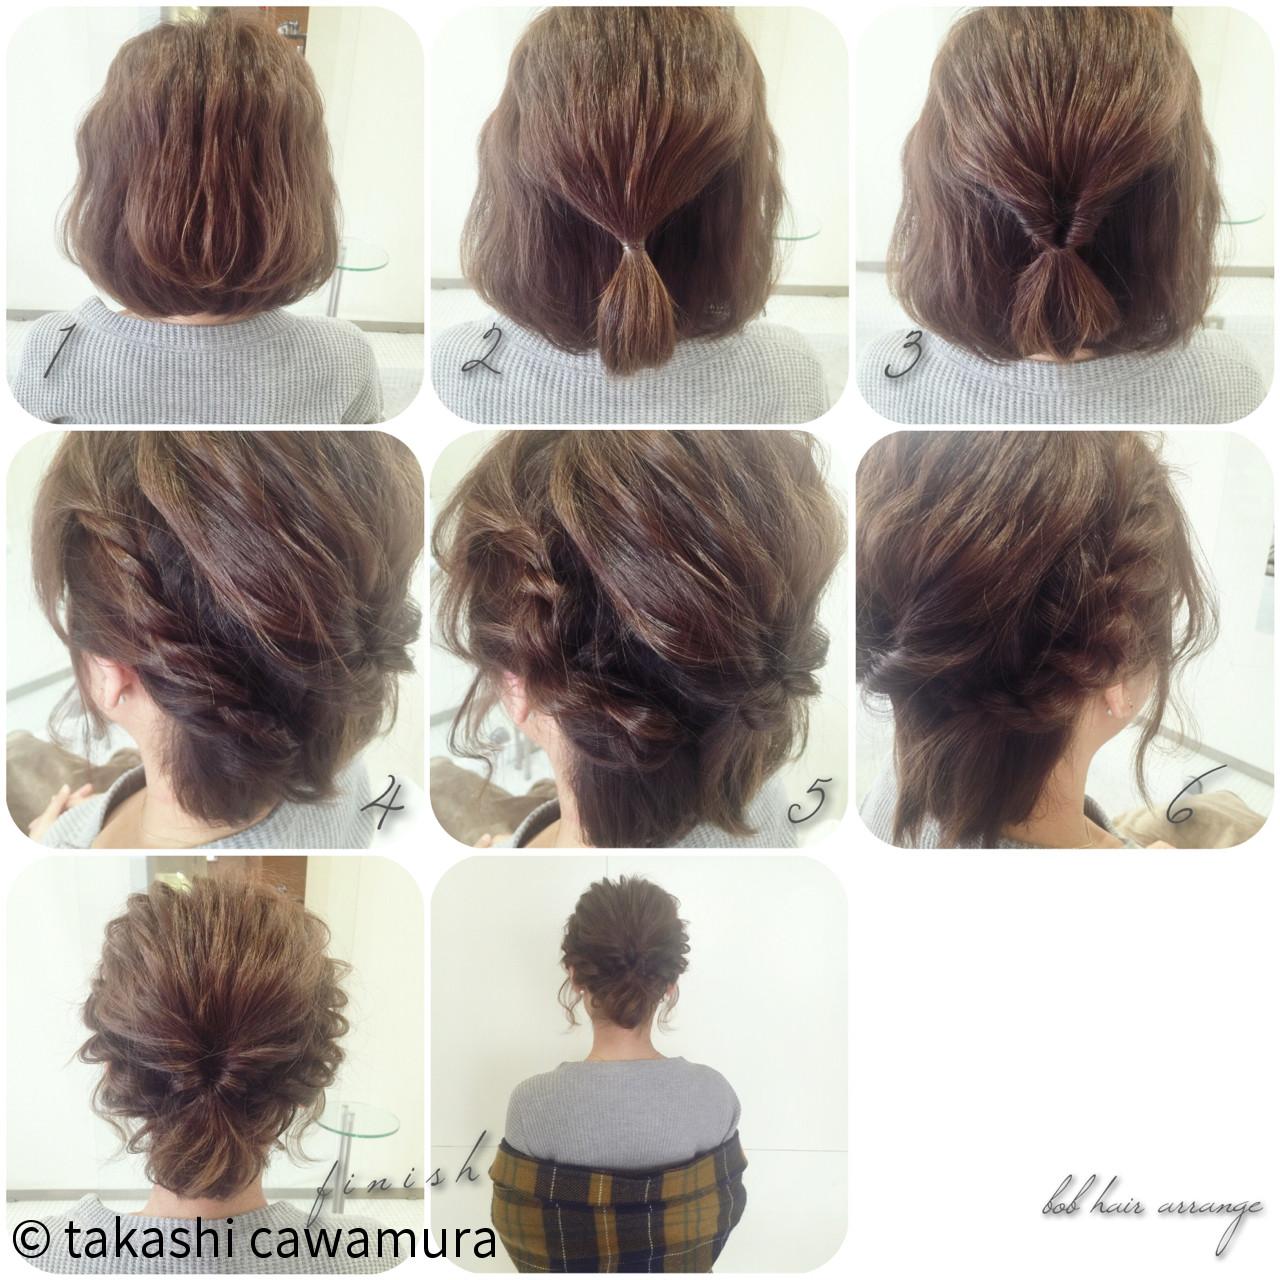 ツイスト 簡単ヘアアレンジ ボブ 大人かわいい ヘアスタイルや髪型の写真・画像 | takashi cawamura / HAIR & MAKE•UP TAXI